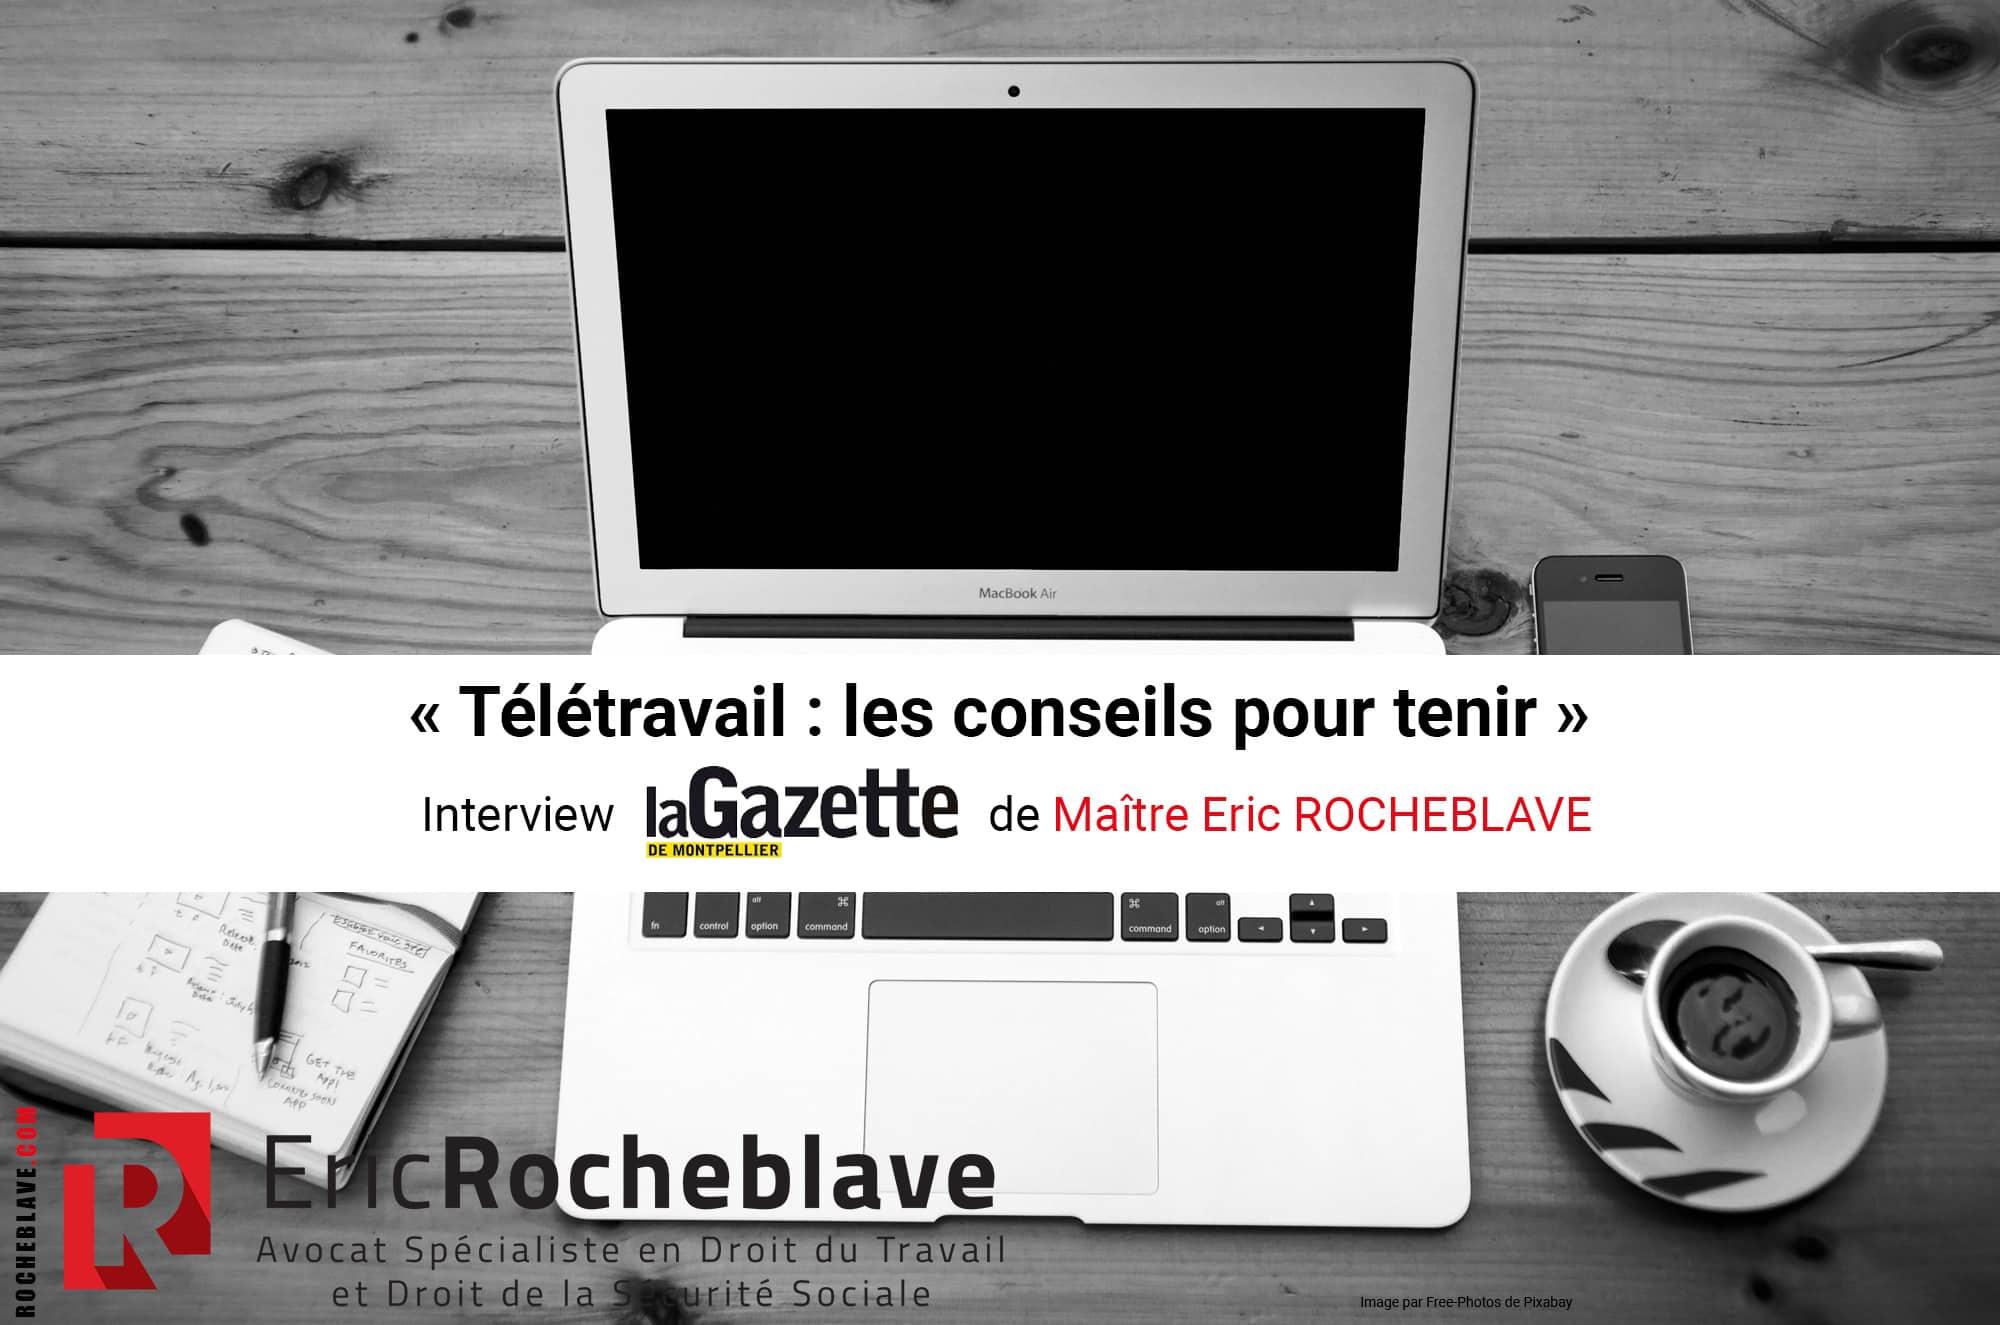 « Télétravail : les conseils pour tenir » Interview La Gazette de Montpellier de Maître Eric ROCHEBLAVE